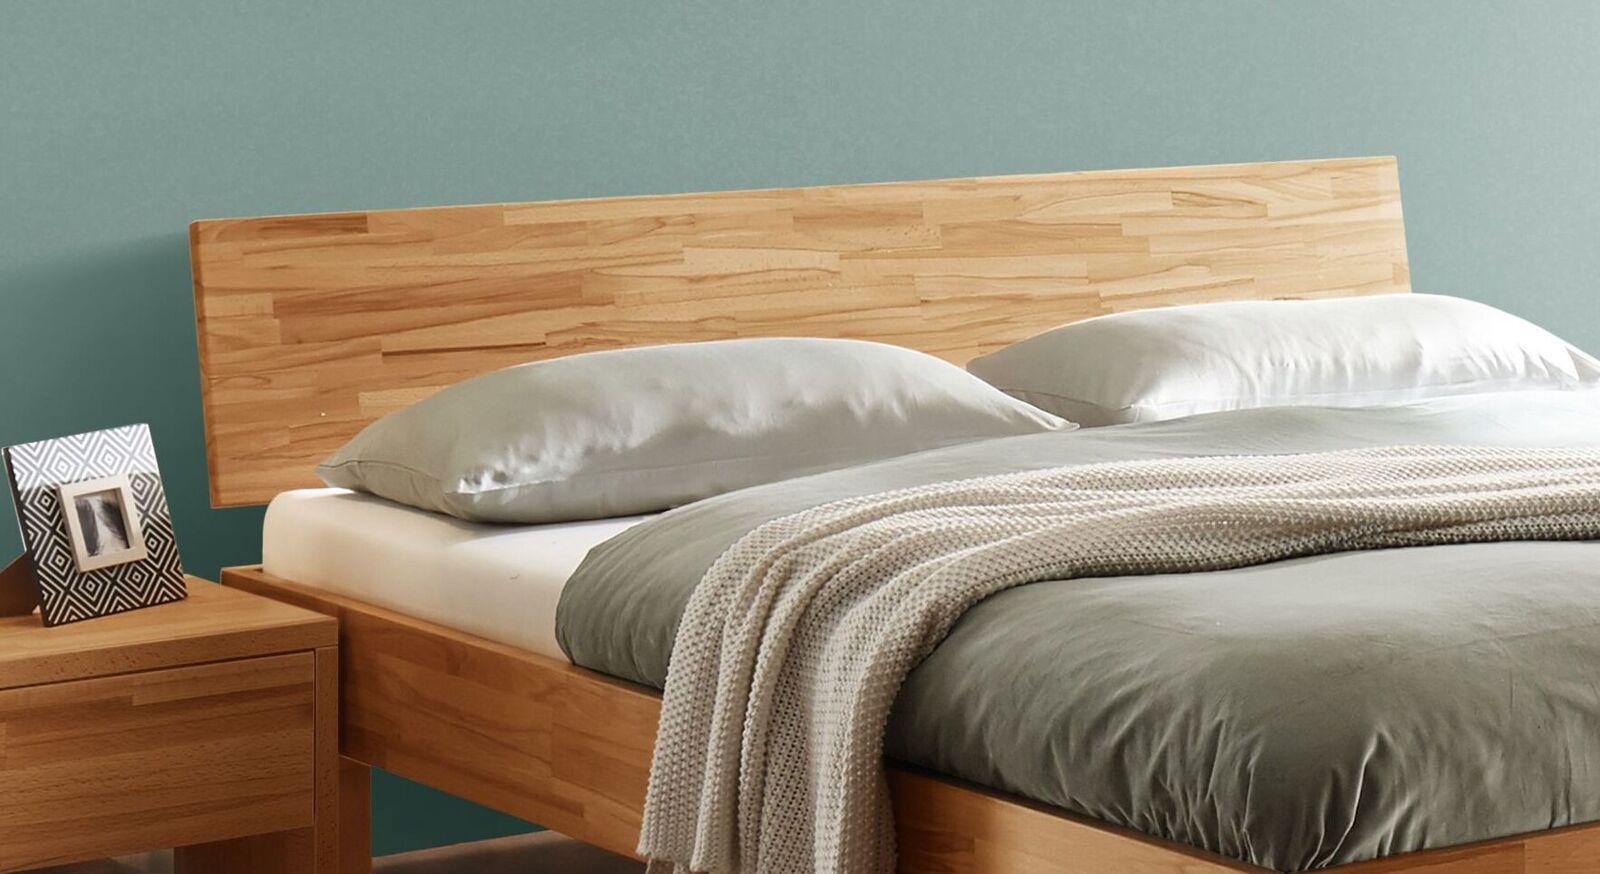 Massives Bett Varion mit geneigtem Kopfteil